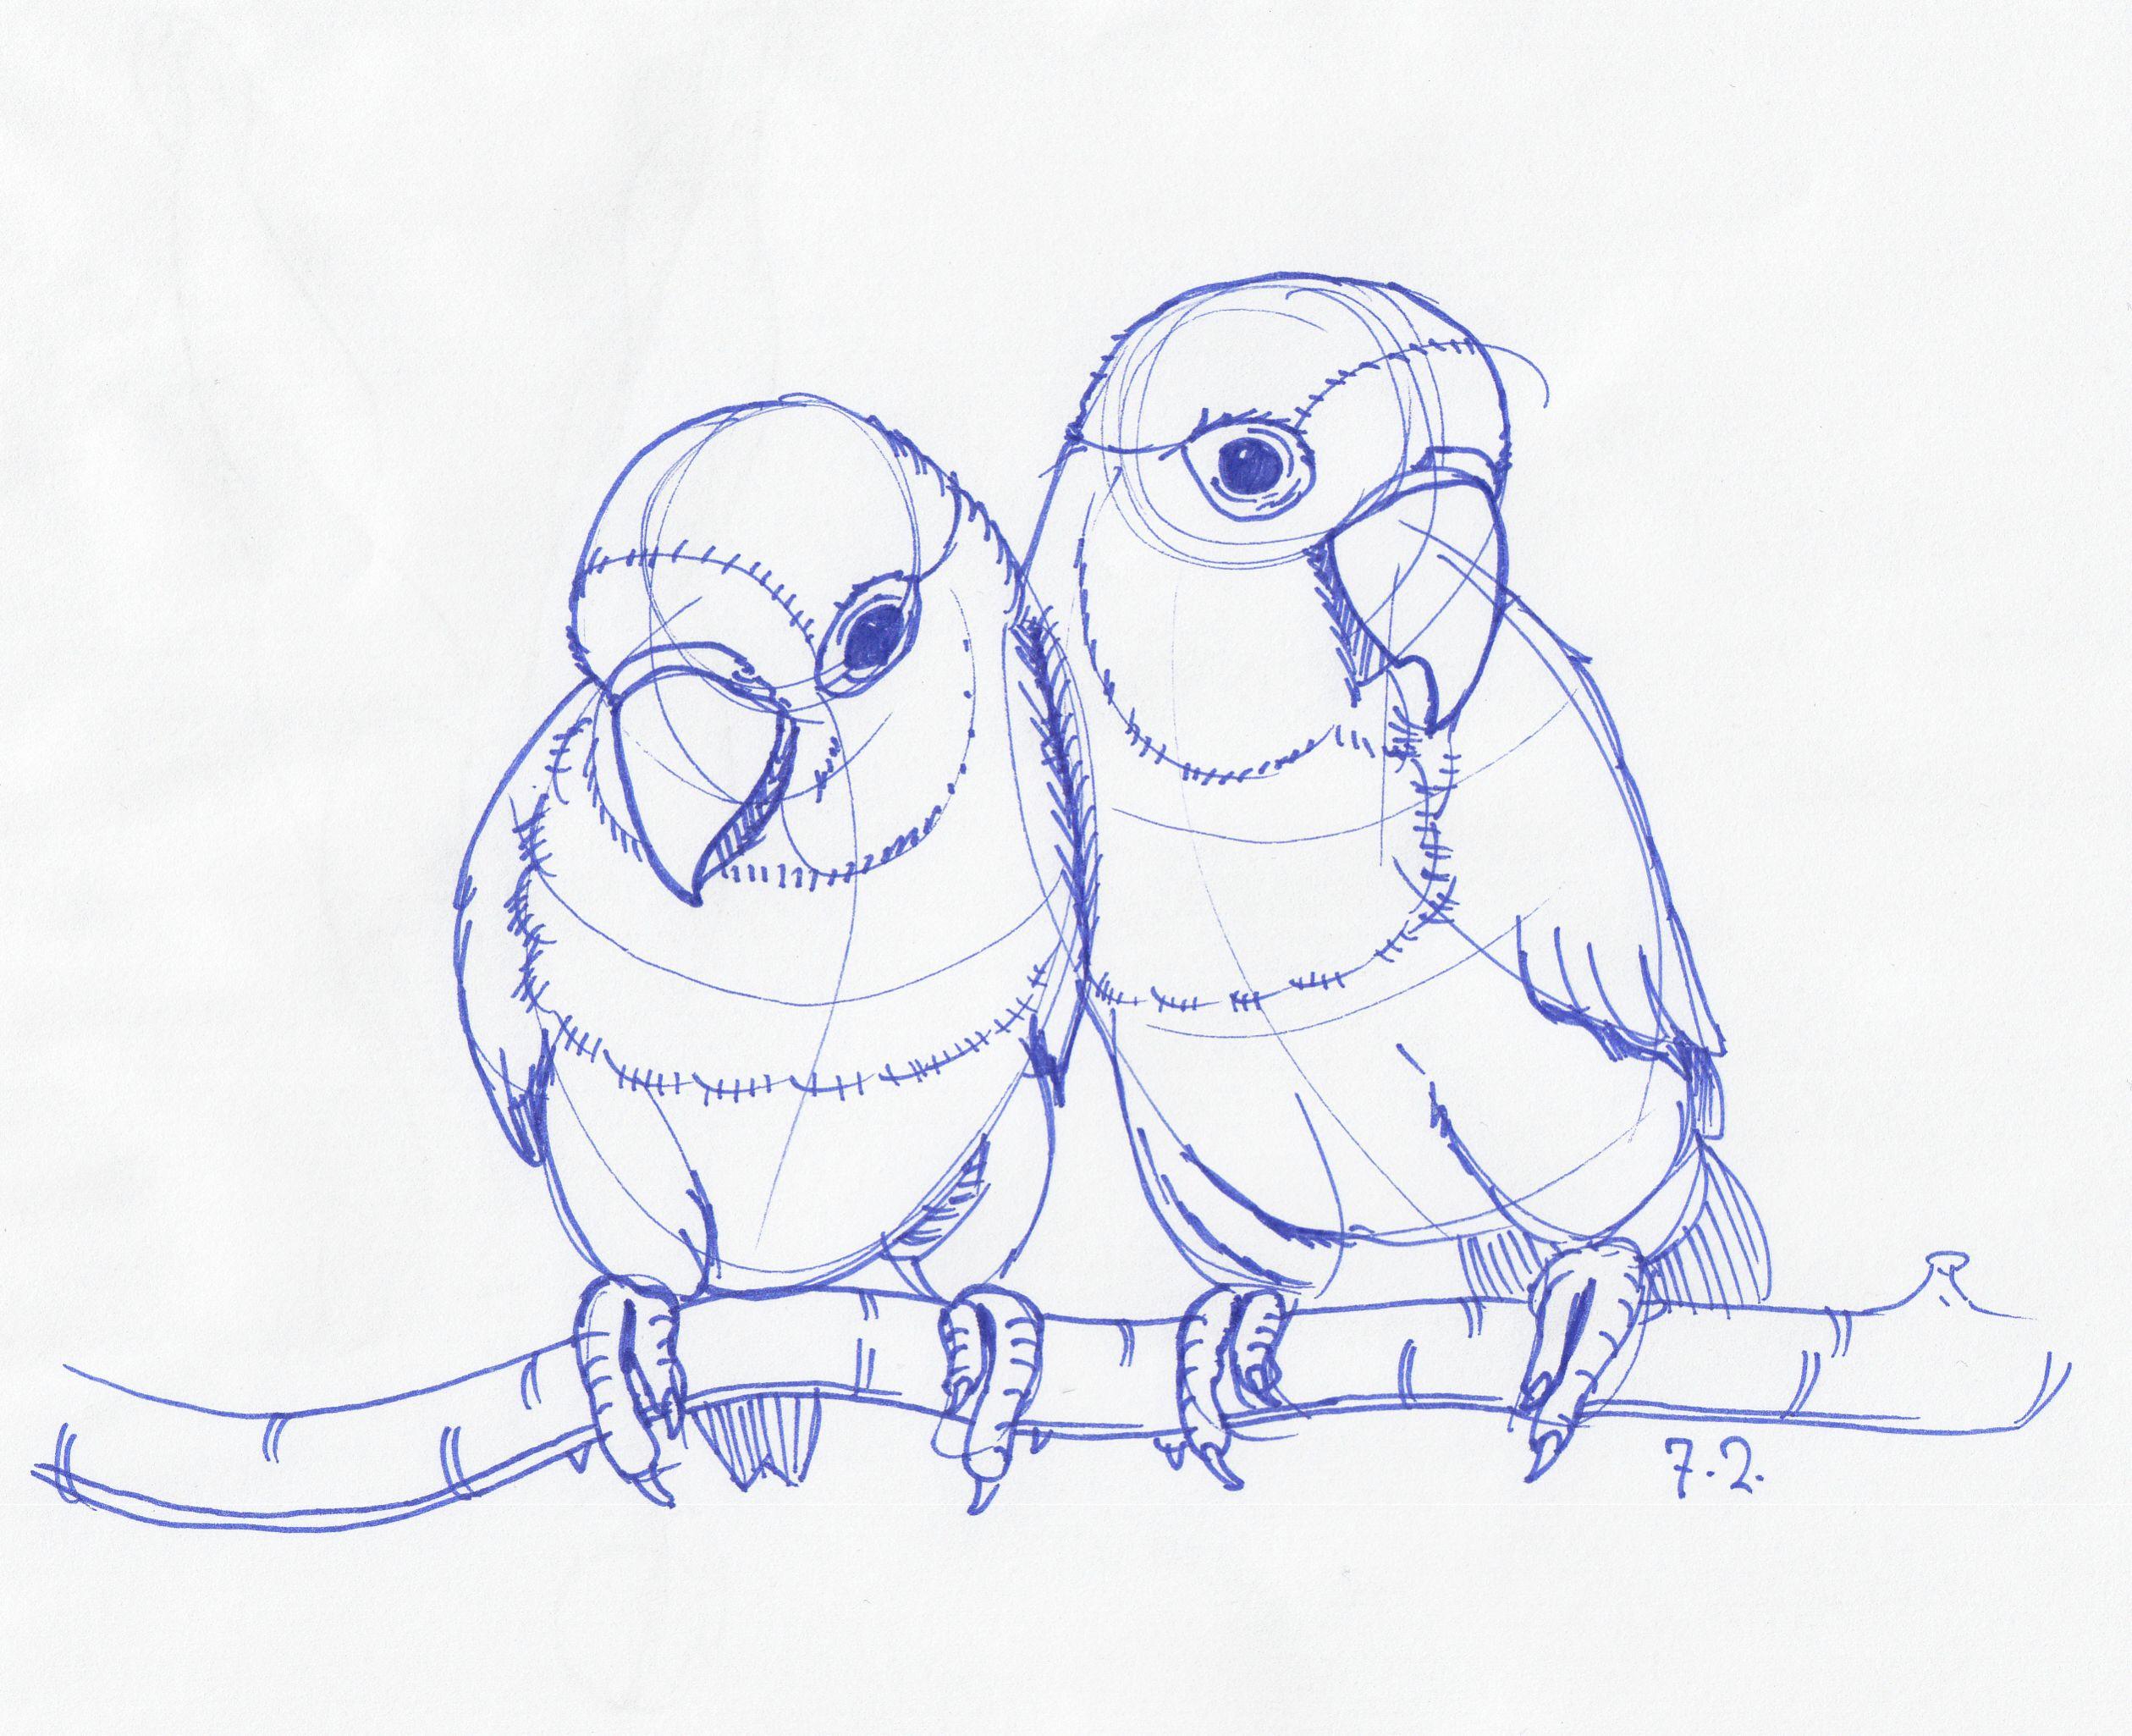 2519x2051 Pencil Sketch Of Love Birds Drawings Of Love Birds Bird Pencil